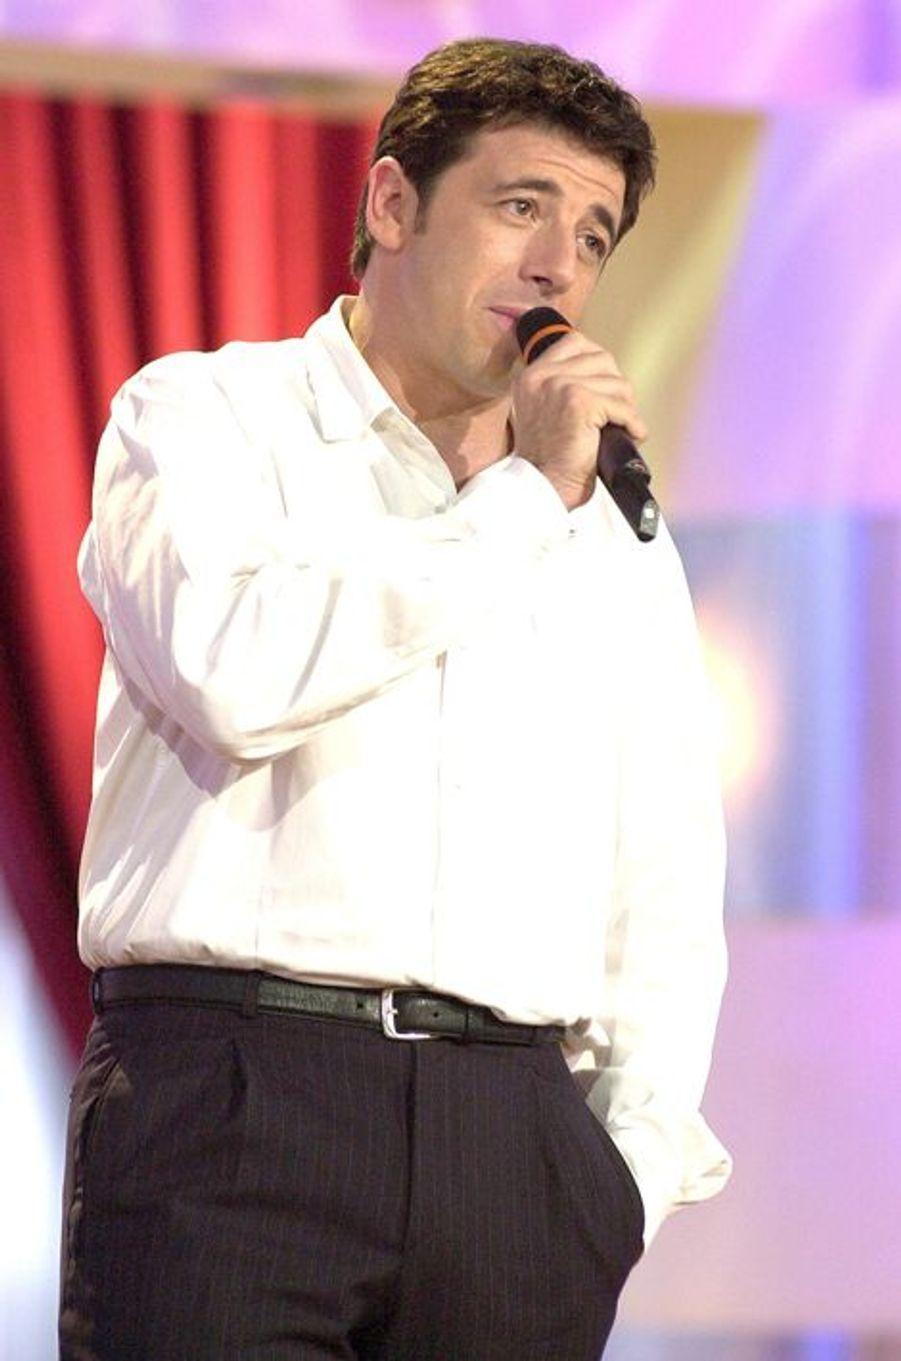 Patrick Bruel à Paris le 29 avril 2002.